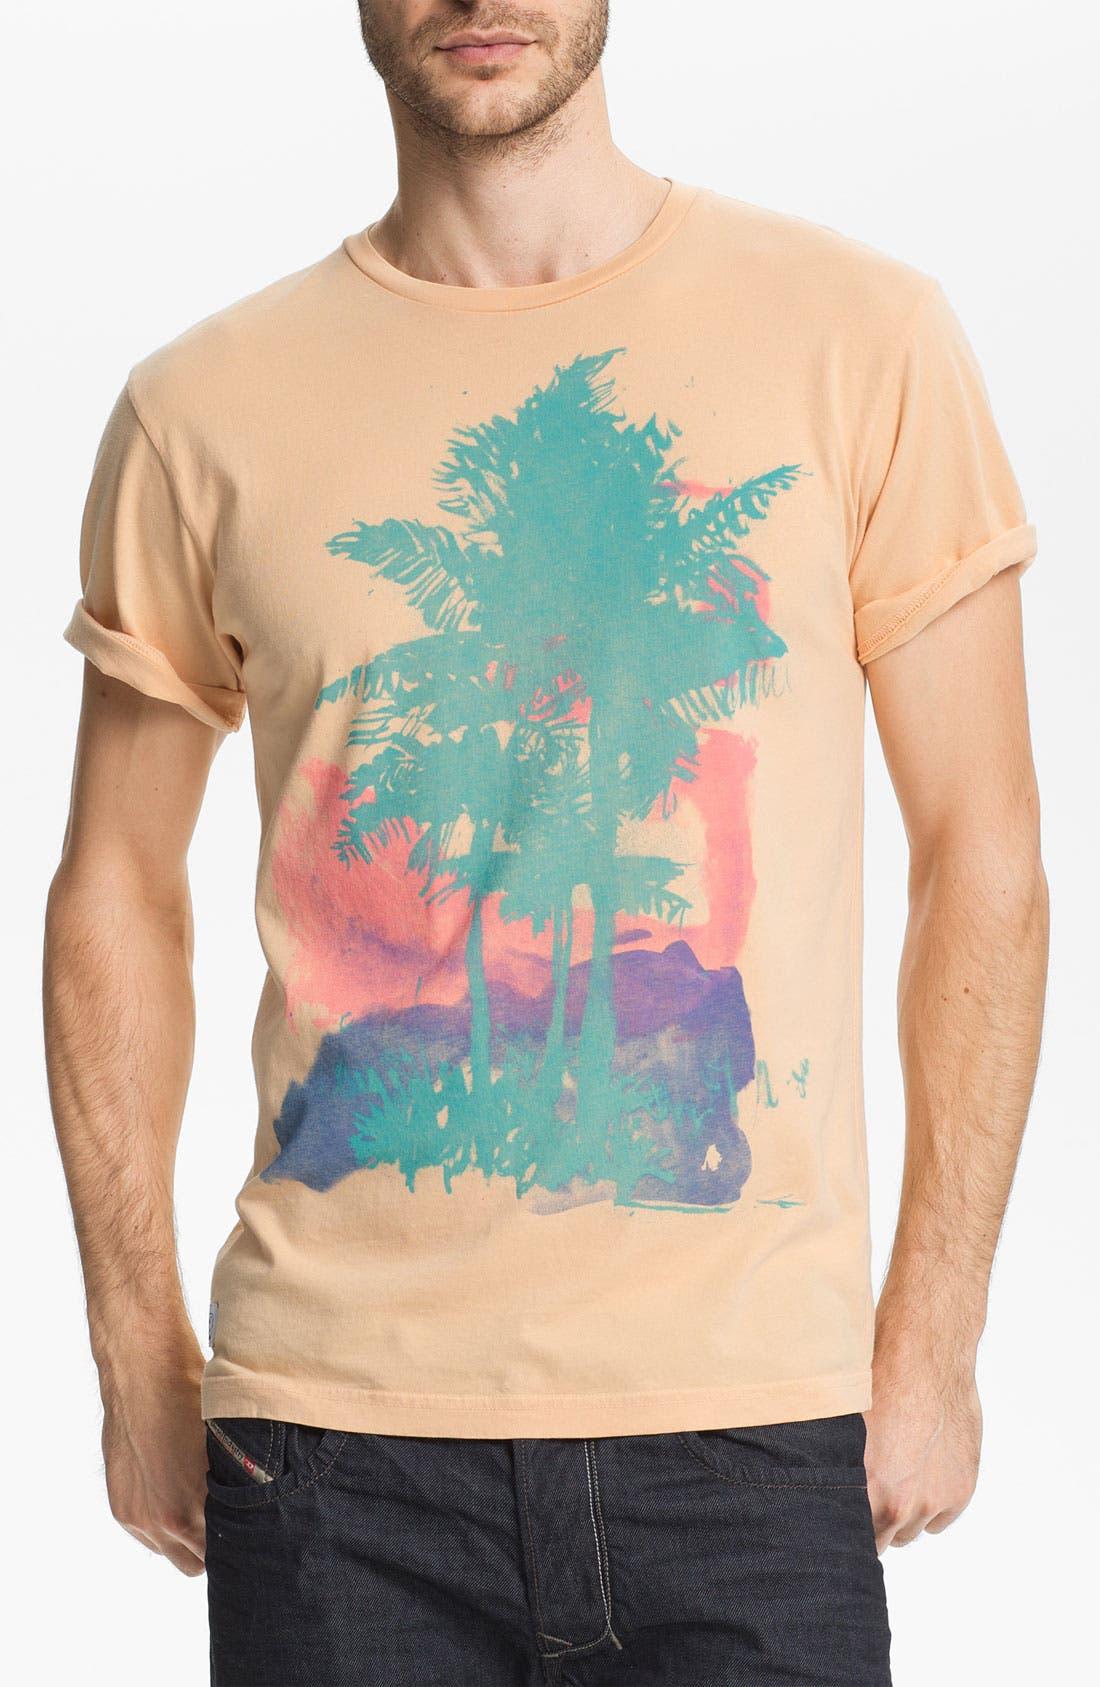 Main Image - Katin 'Chill' Graphic T-Shirt